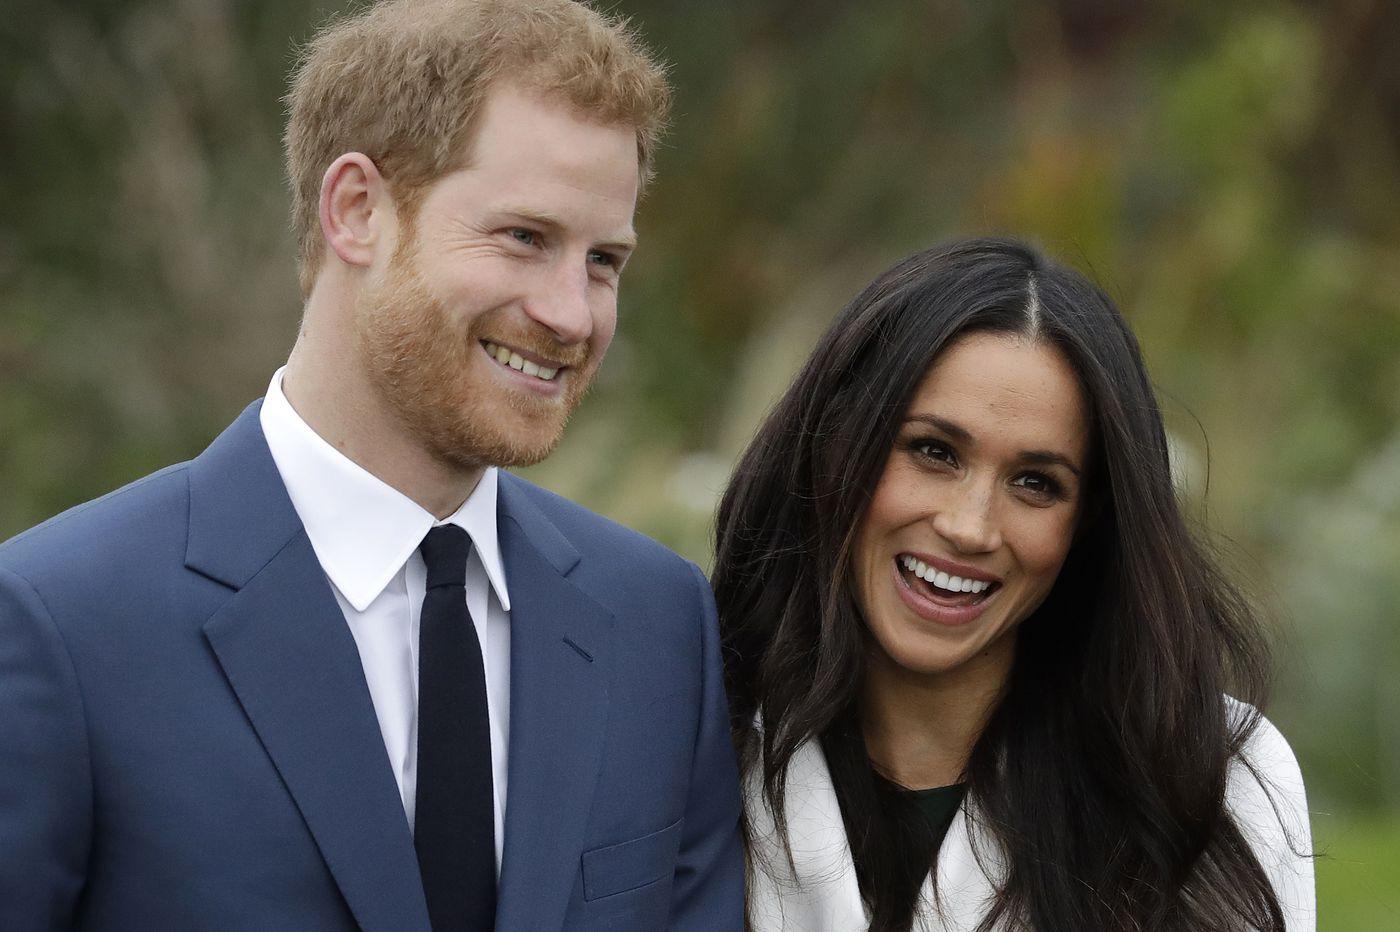 Μέγκαν Μαρκλ - Πρίγκιπας Χάρι: περιμένουν το δεύτερο παιδί τους!